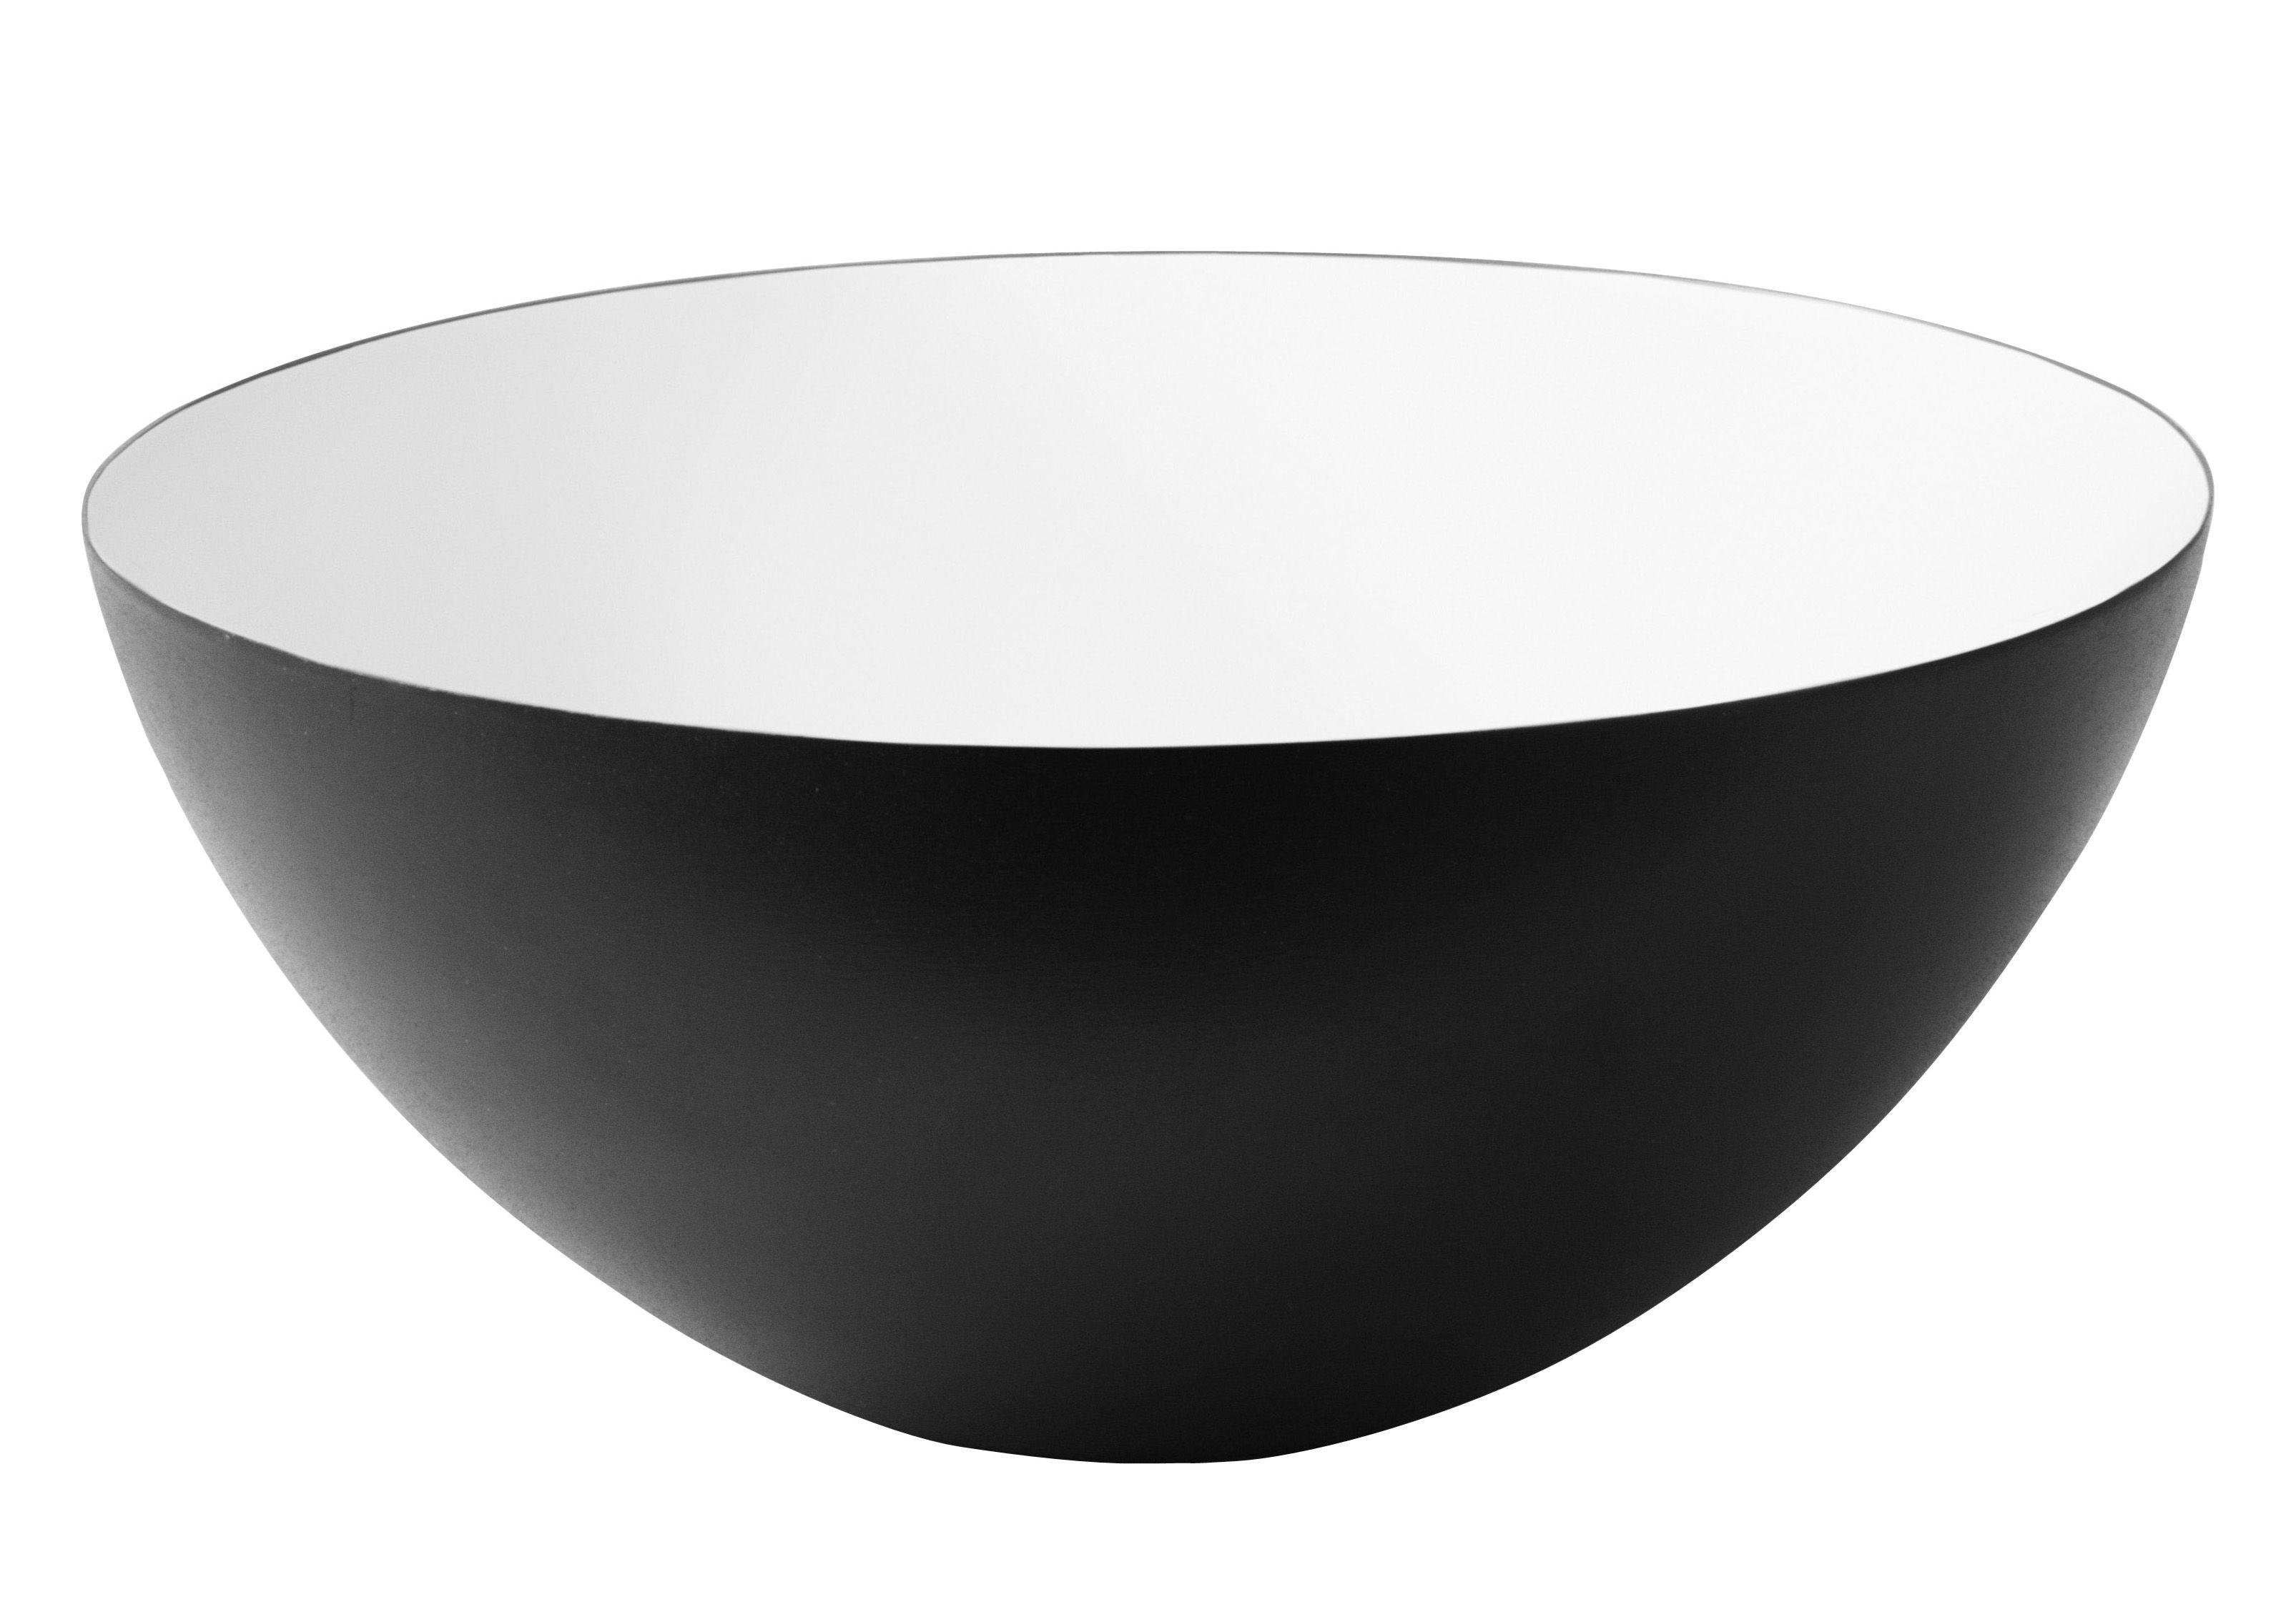 Tableware - Bowls - Krenit Bowl - Bowl Ø 12,5 cm by Normann Copenhagen - Black / White - Enamelled steel